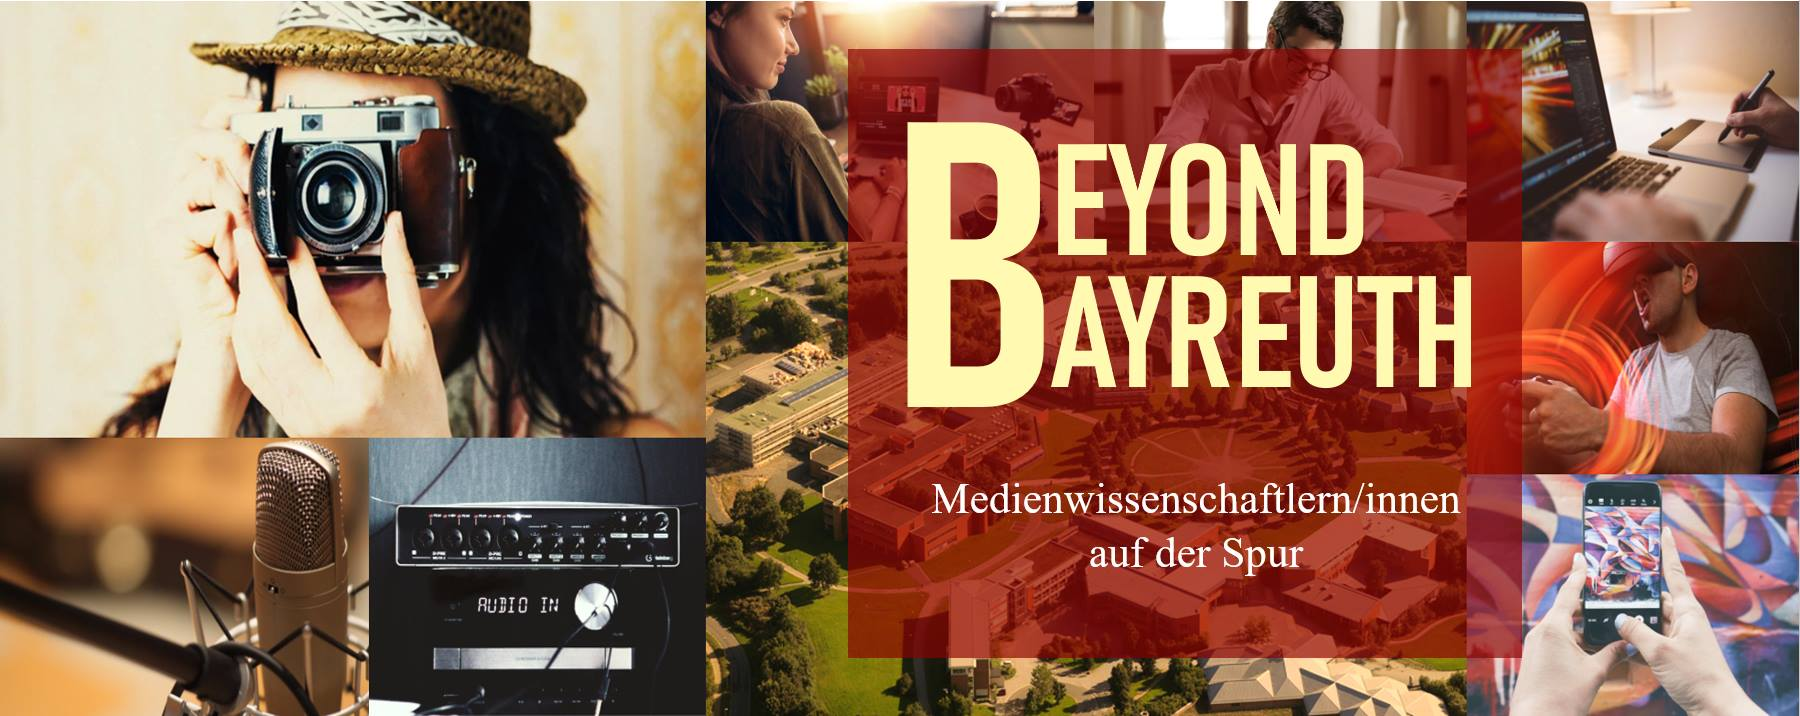 Visual von Beyond Bayreuth, MedienwissenschaftlerInnen auf der Spur